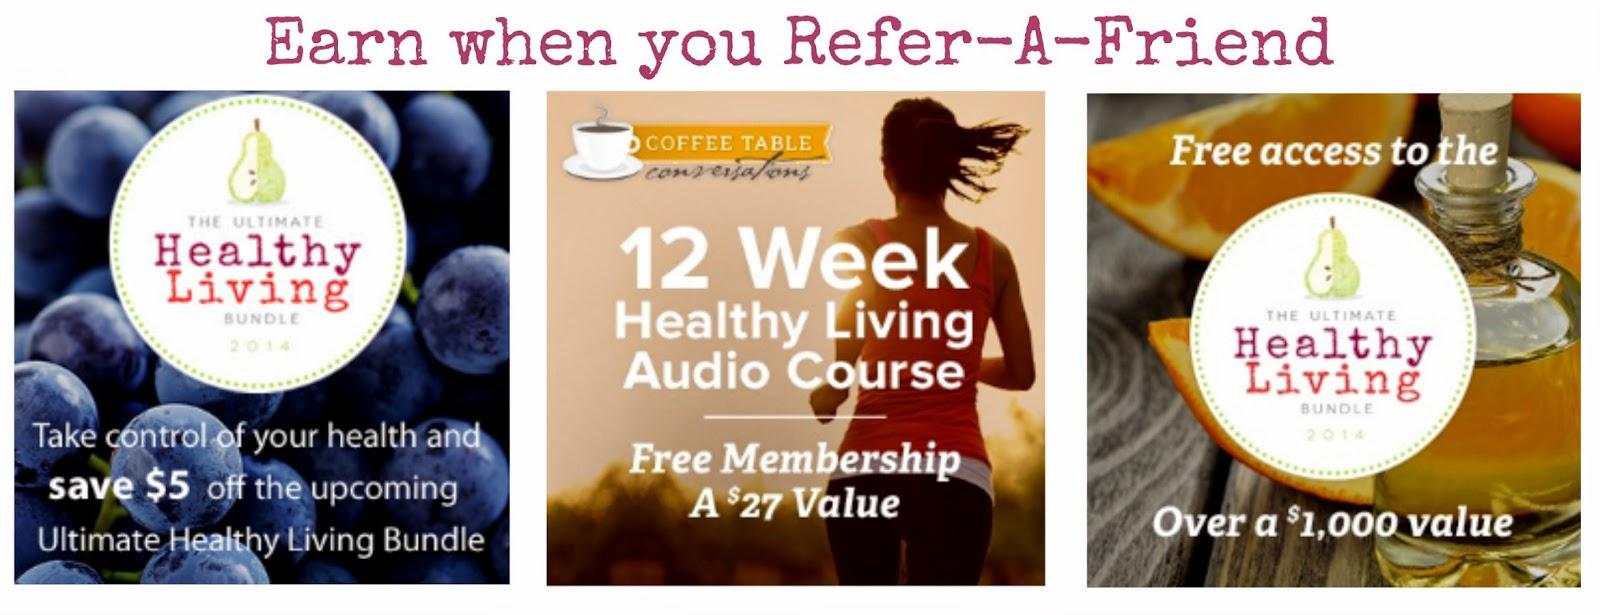 http://healthylivingbundle.com/?ref=f71932ea4c